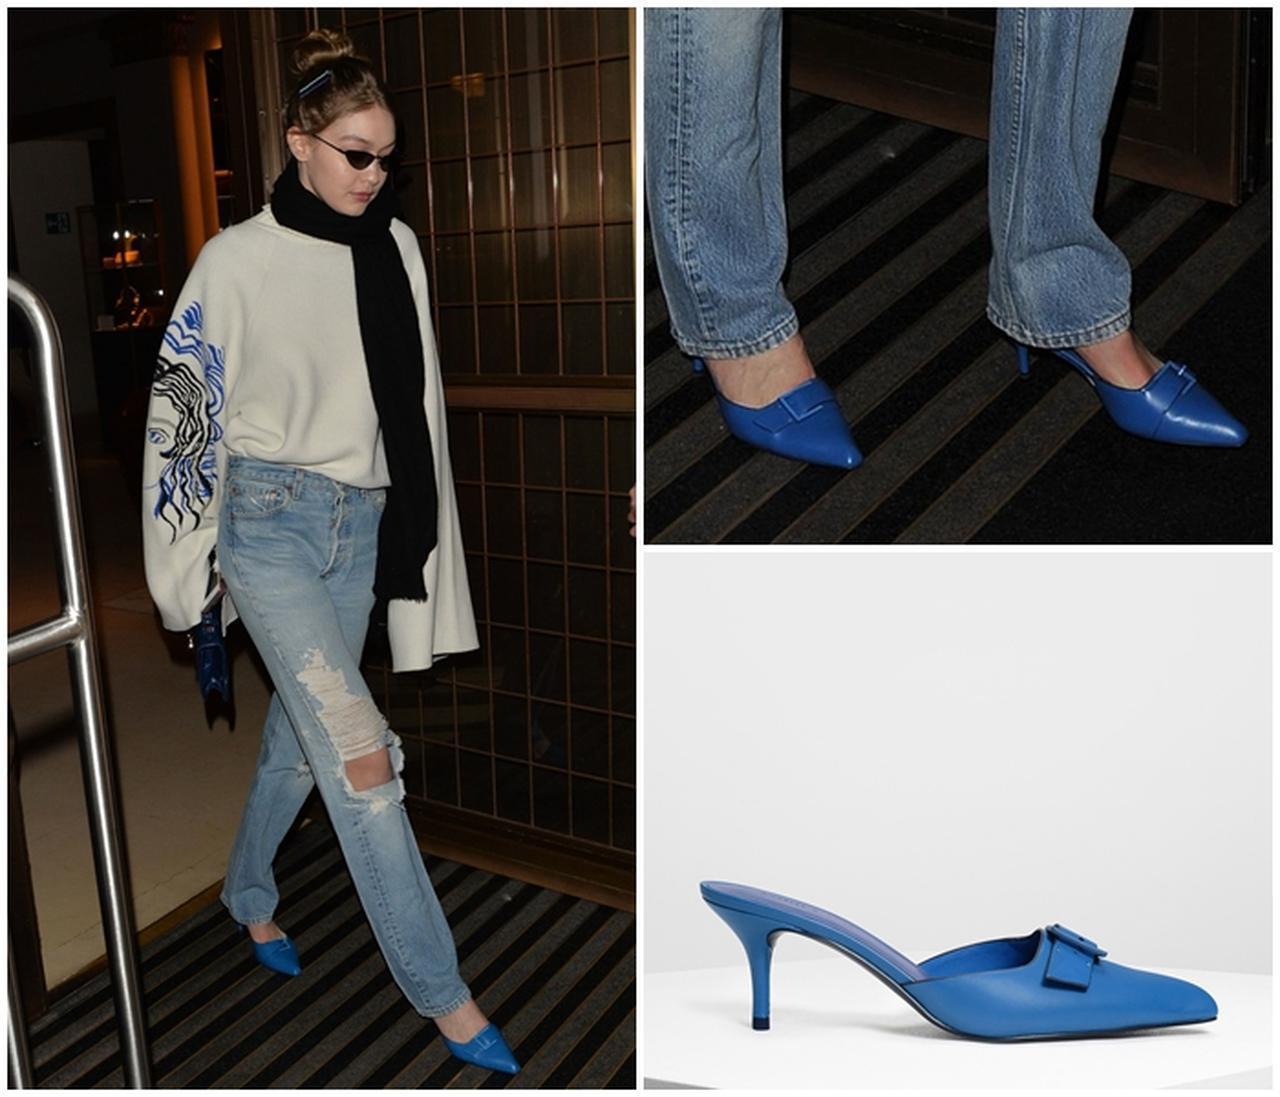 画像1: バックルディテール スリッポン / Buckle Detail Slip-on Heels (Blue)¥5,500(税抜)